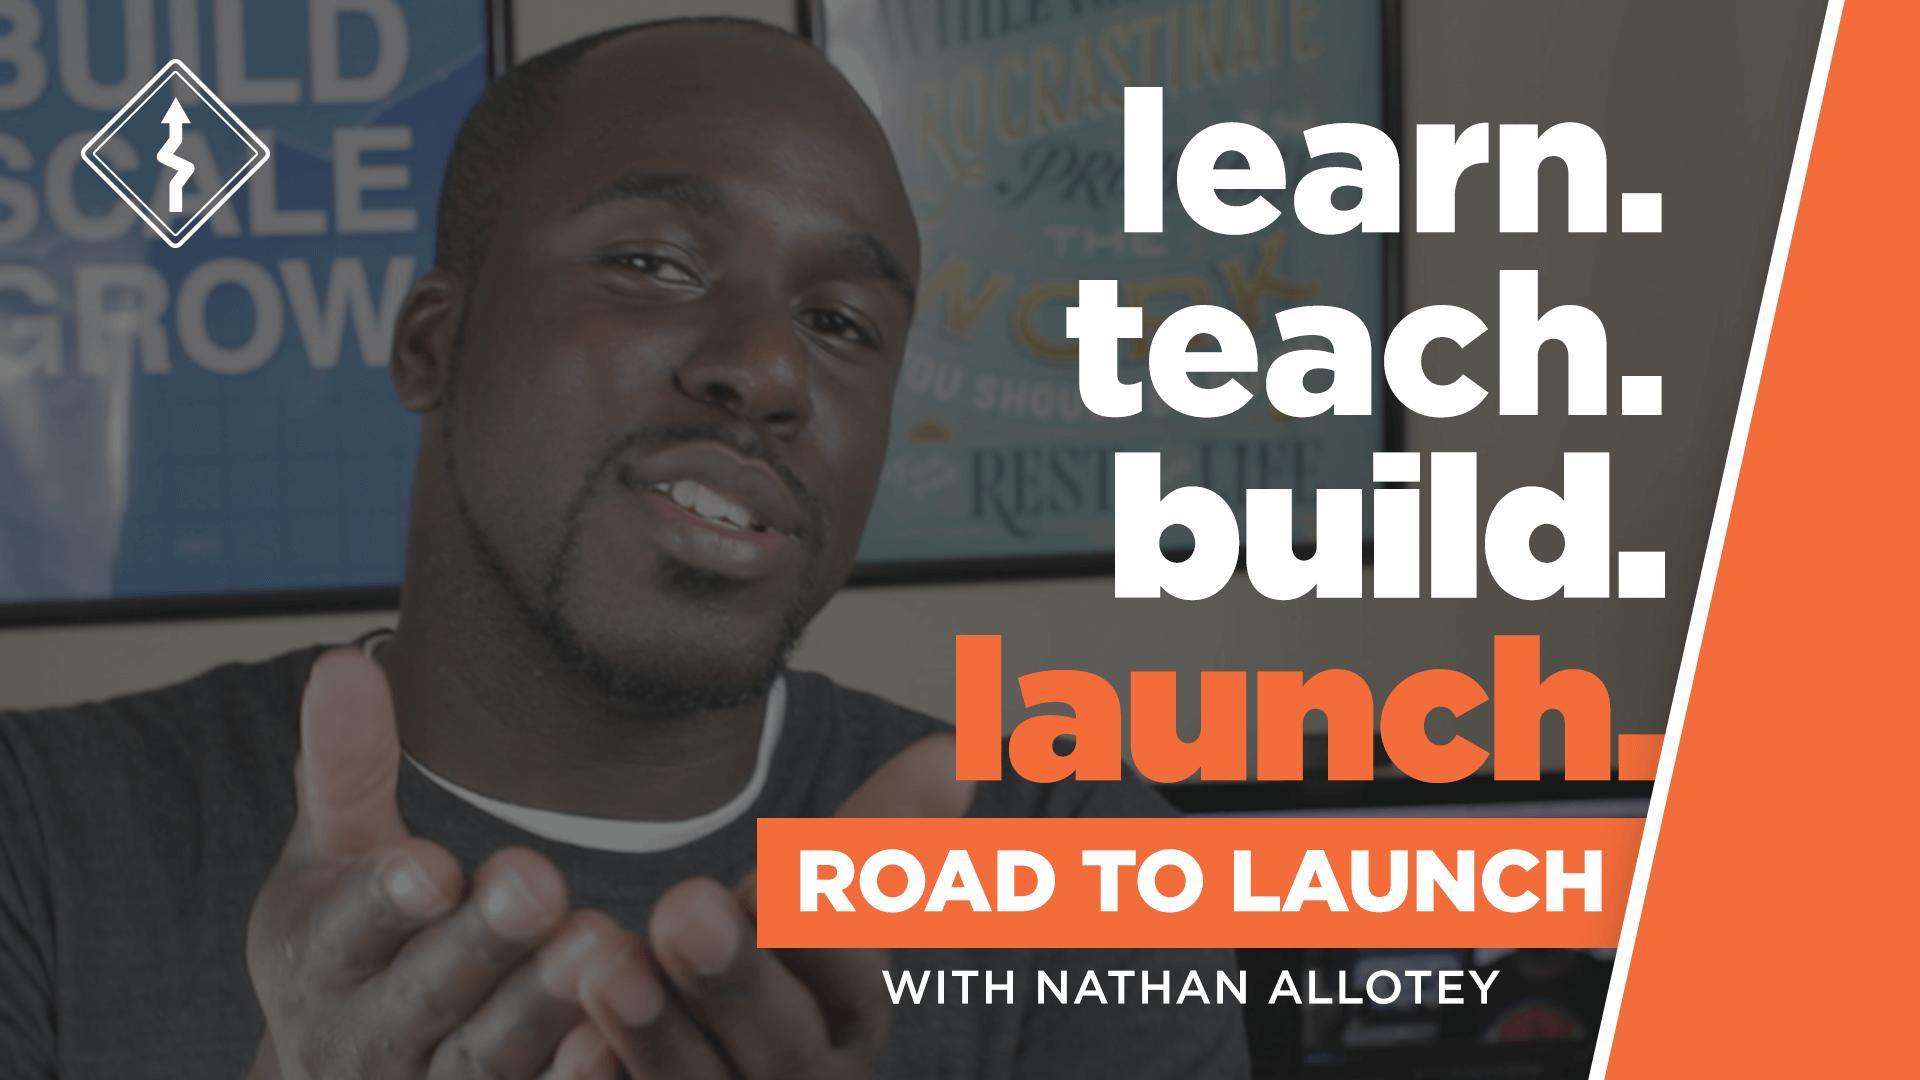 002-learn-teach-build-launch